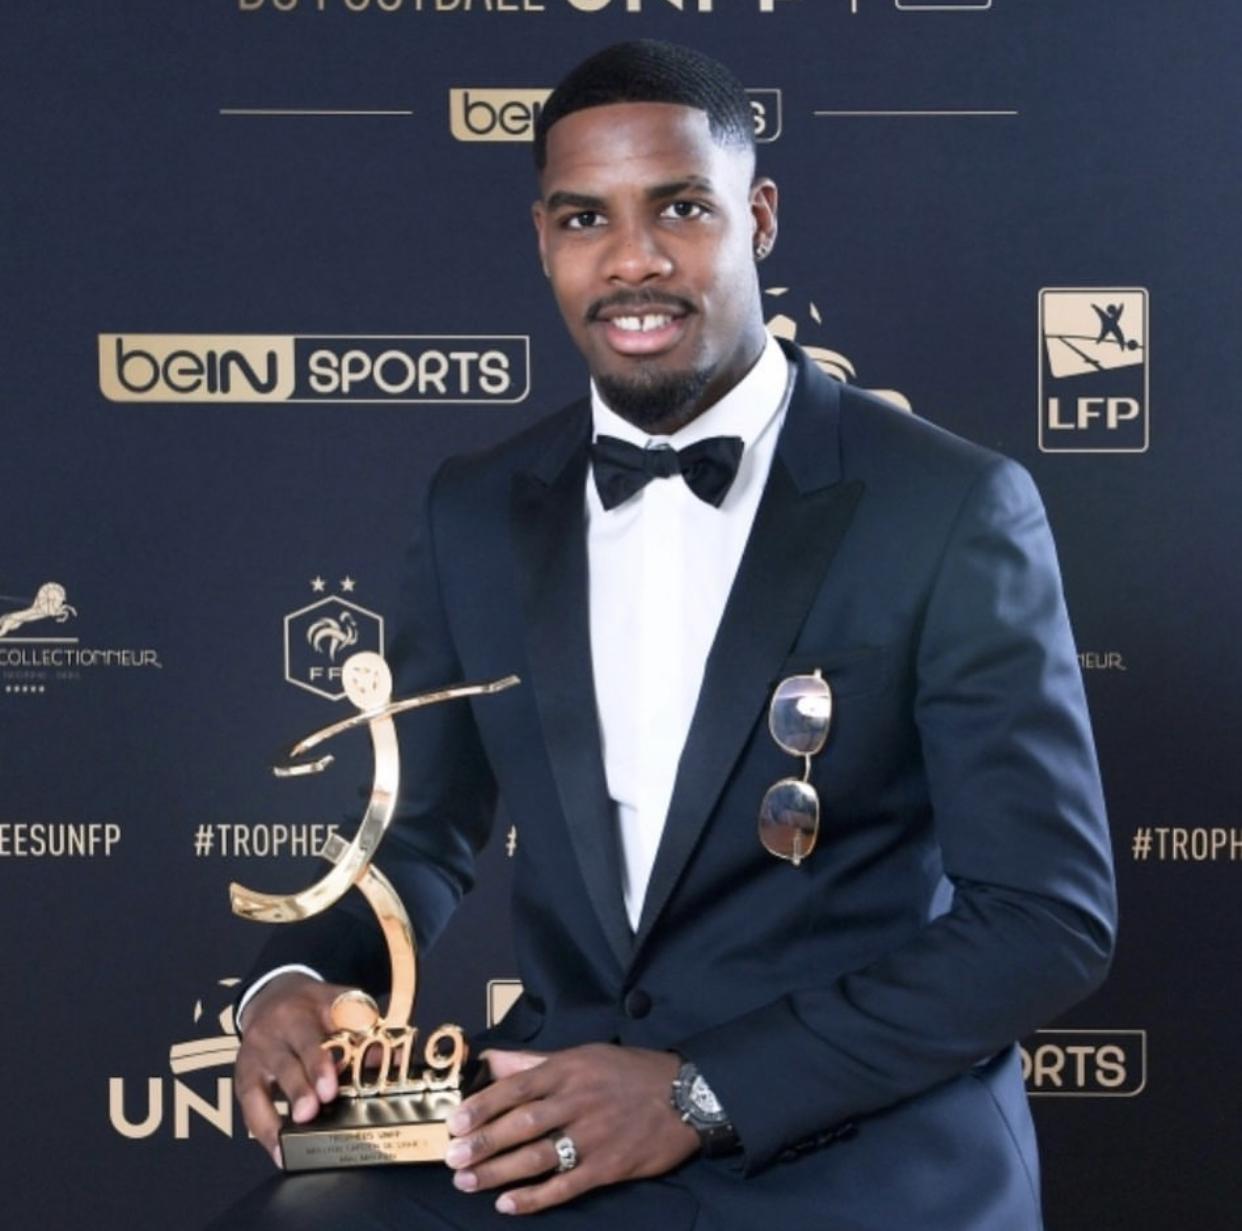 Trophée UNFP : Mike Maignan, meilleur gardien de la saison devant Édouard Mendy